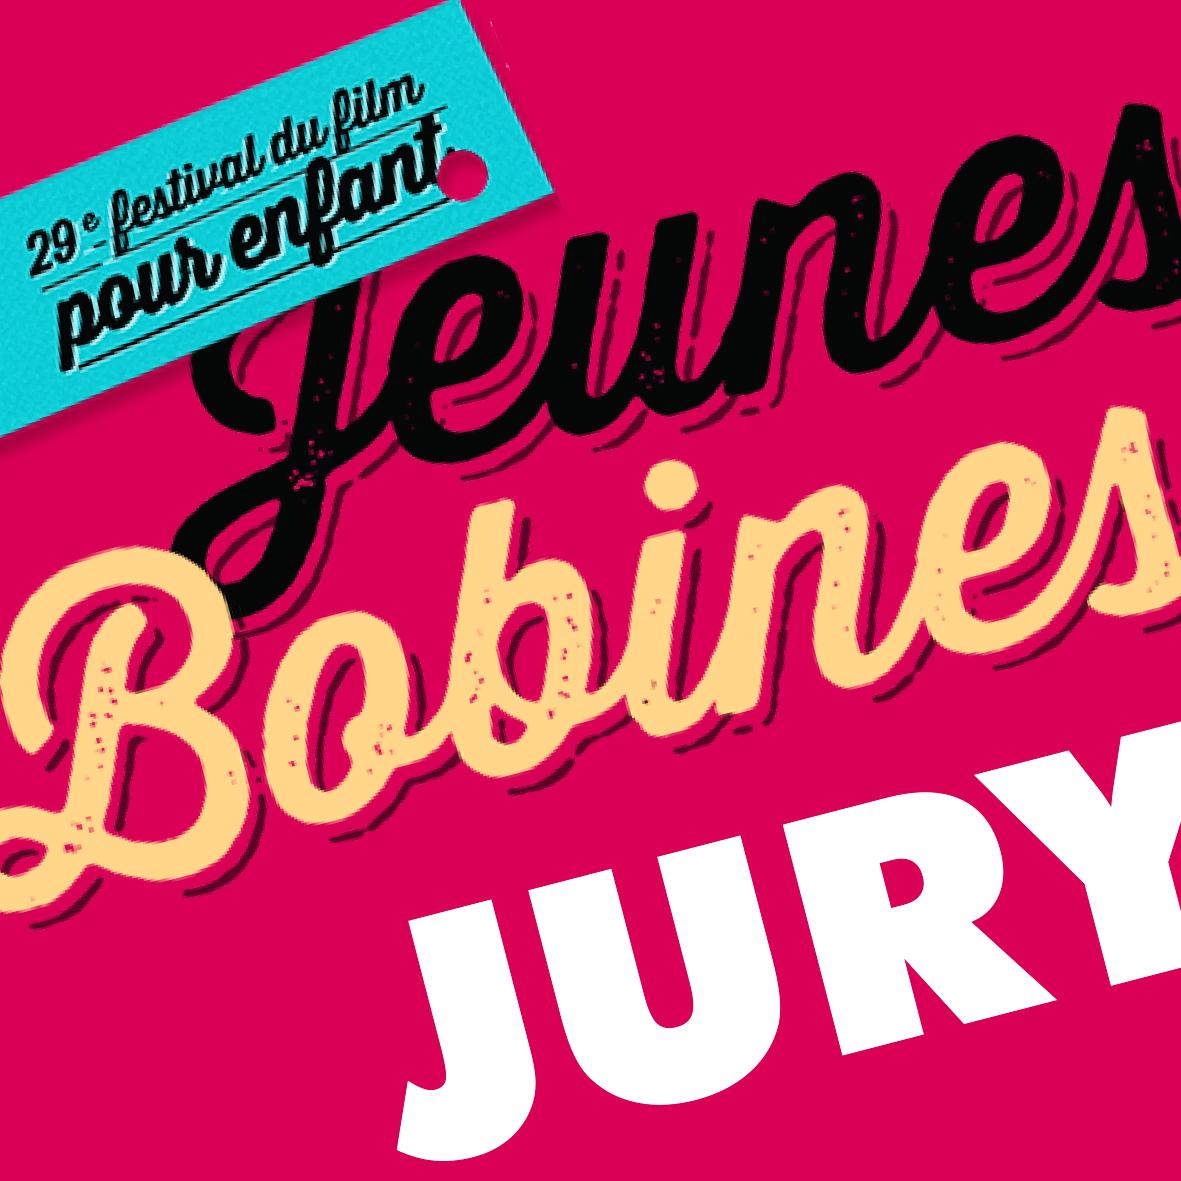 Présentation ludique du Festival Jeunes Bobines @ Maison pour Tous des Quatre Montagnes | Villard-de-Lans | Auvergne-Rhône-Alpes | France